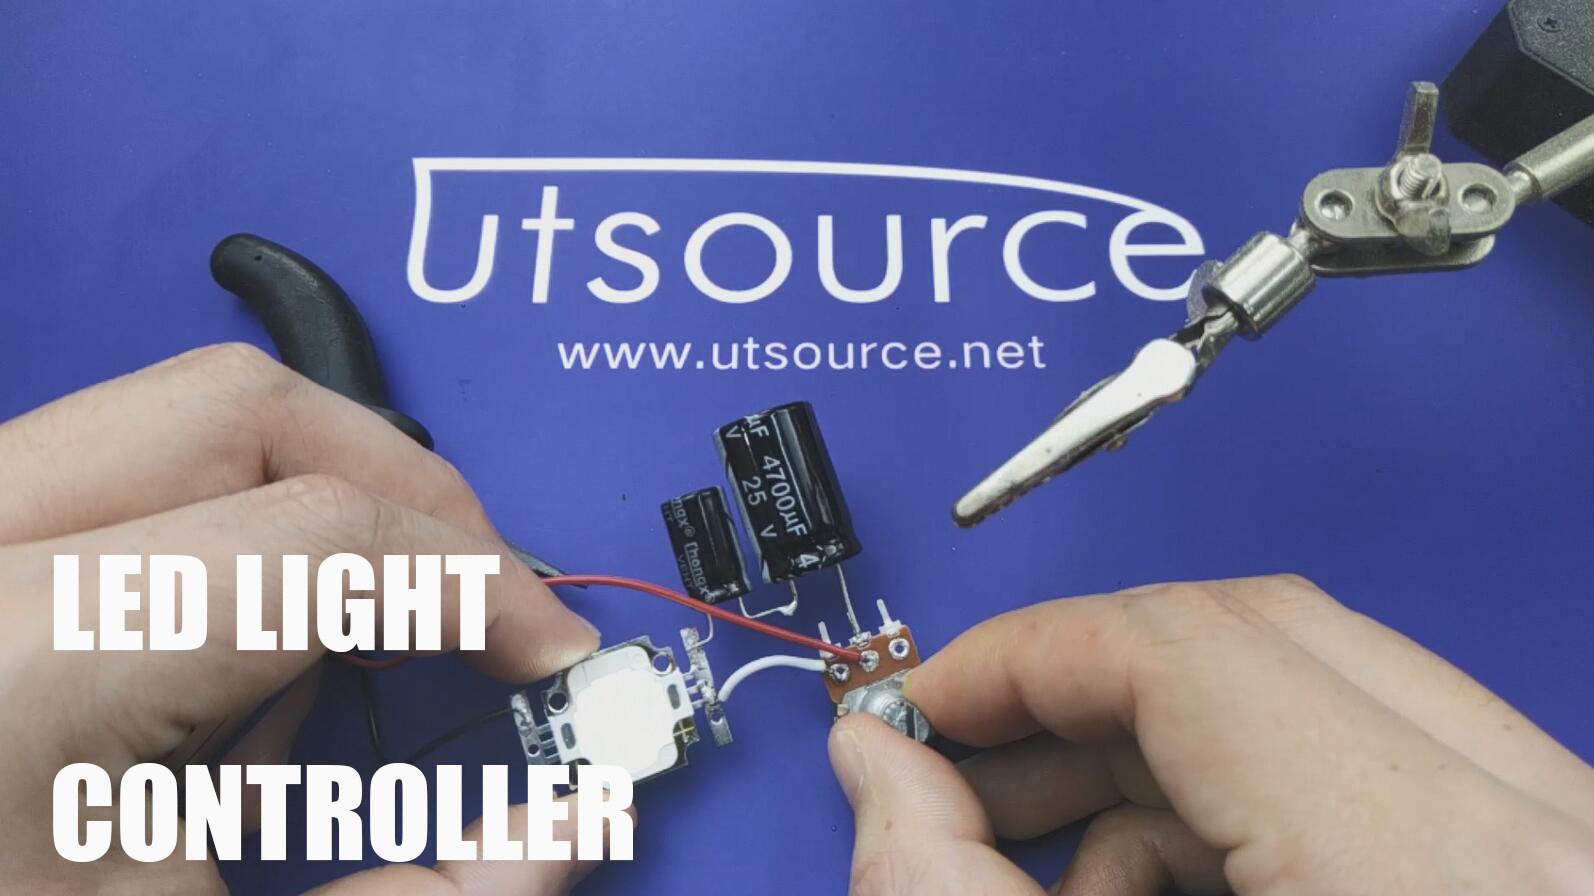 LED LIGHT CONTROLLER / Utsource